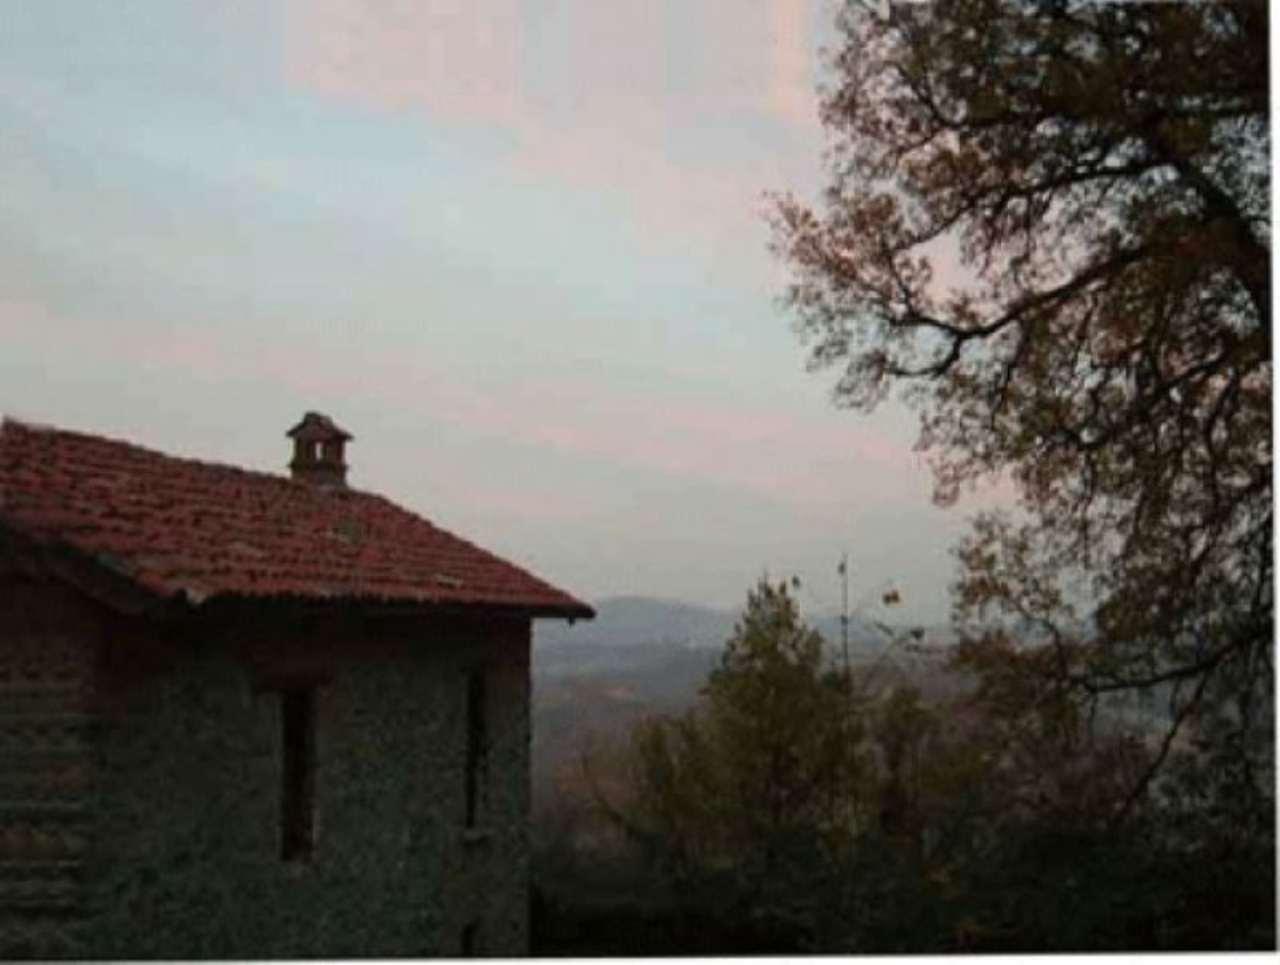 Rustico / Casale in vendita a Morbello, 6 locali, prezzo € 280.000 | CambioCasa.it